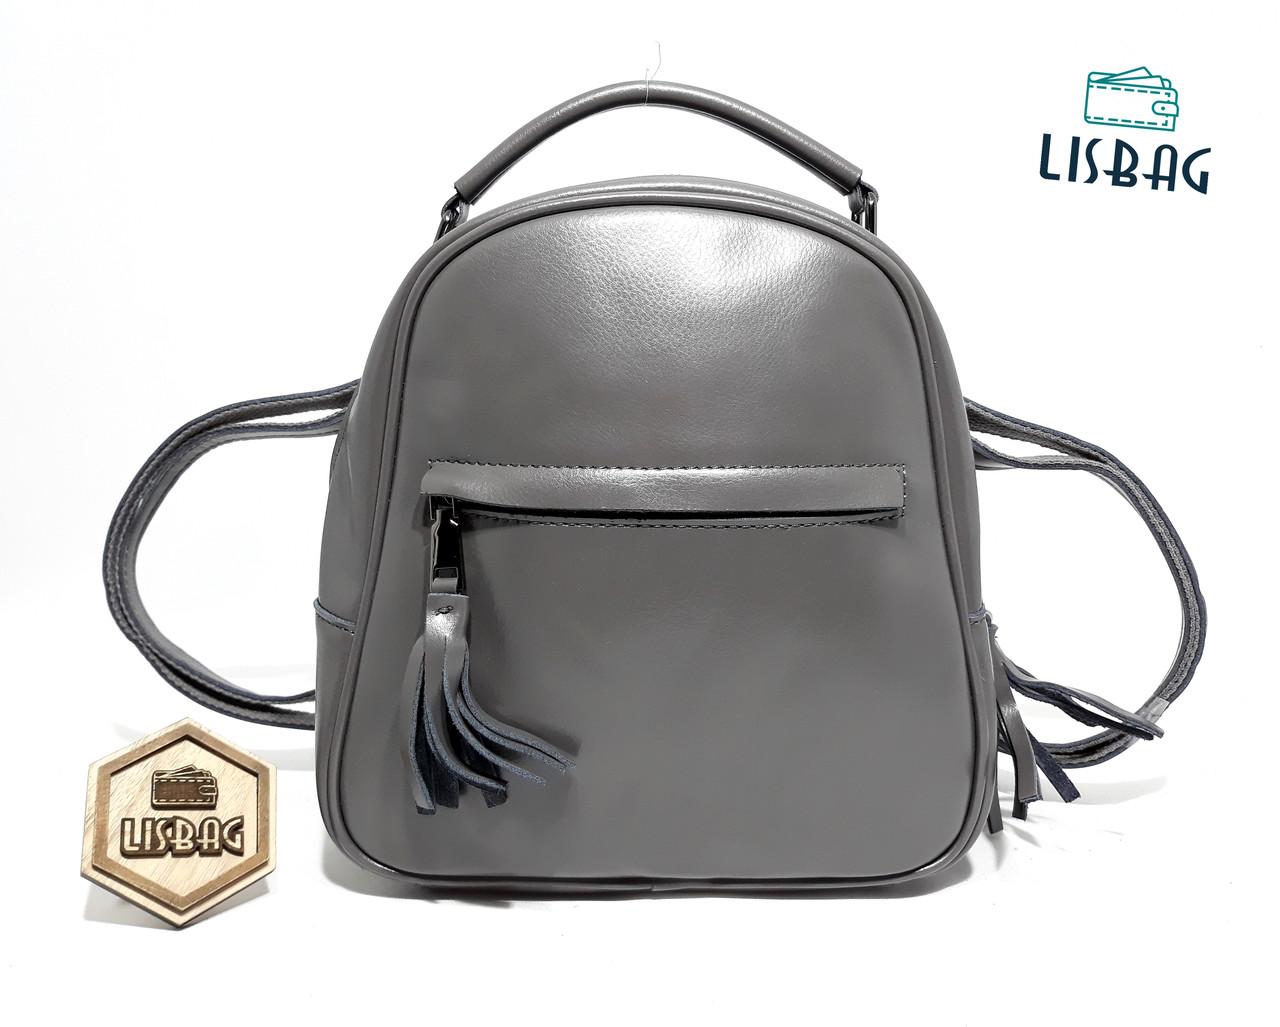 7d32c5be6301 Женский кожаный мини рюкзак Серый, повседневный рюкзак Galanty из натуральной  кожи - Интернет магазин Lisbag